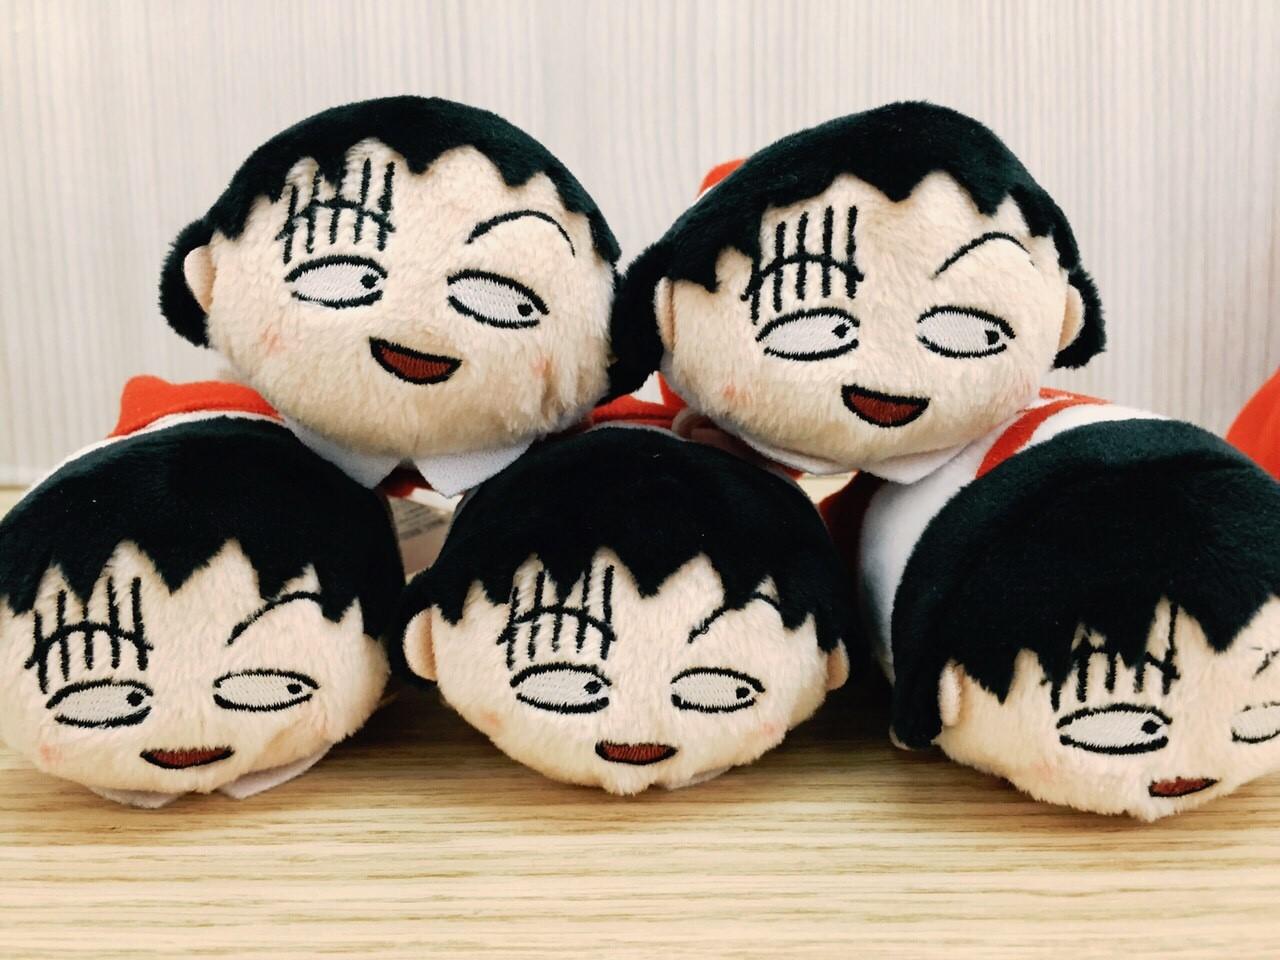 【真愛日本】15122400002 放送25th紀念tsum手玉-著急小丸子 櫻桃小丸子 娃娃 擺飾 螢幕擦 公仔